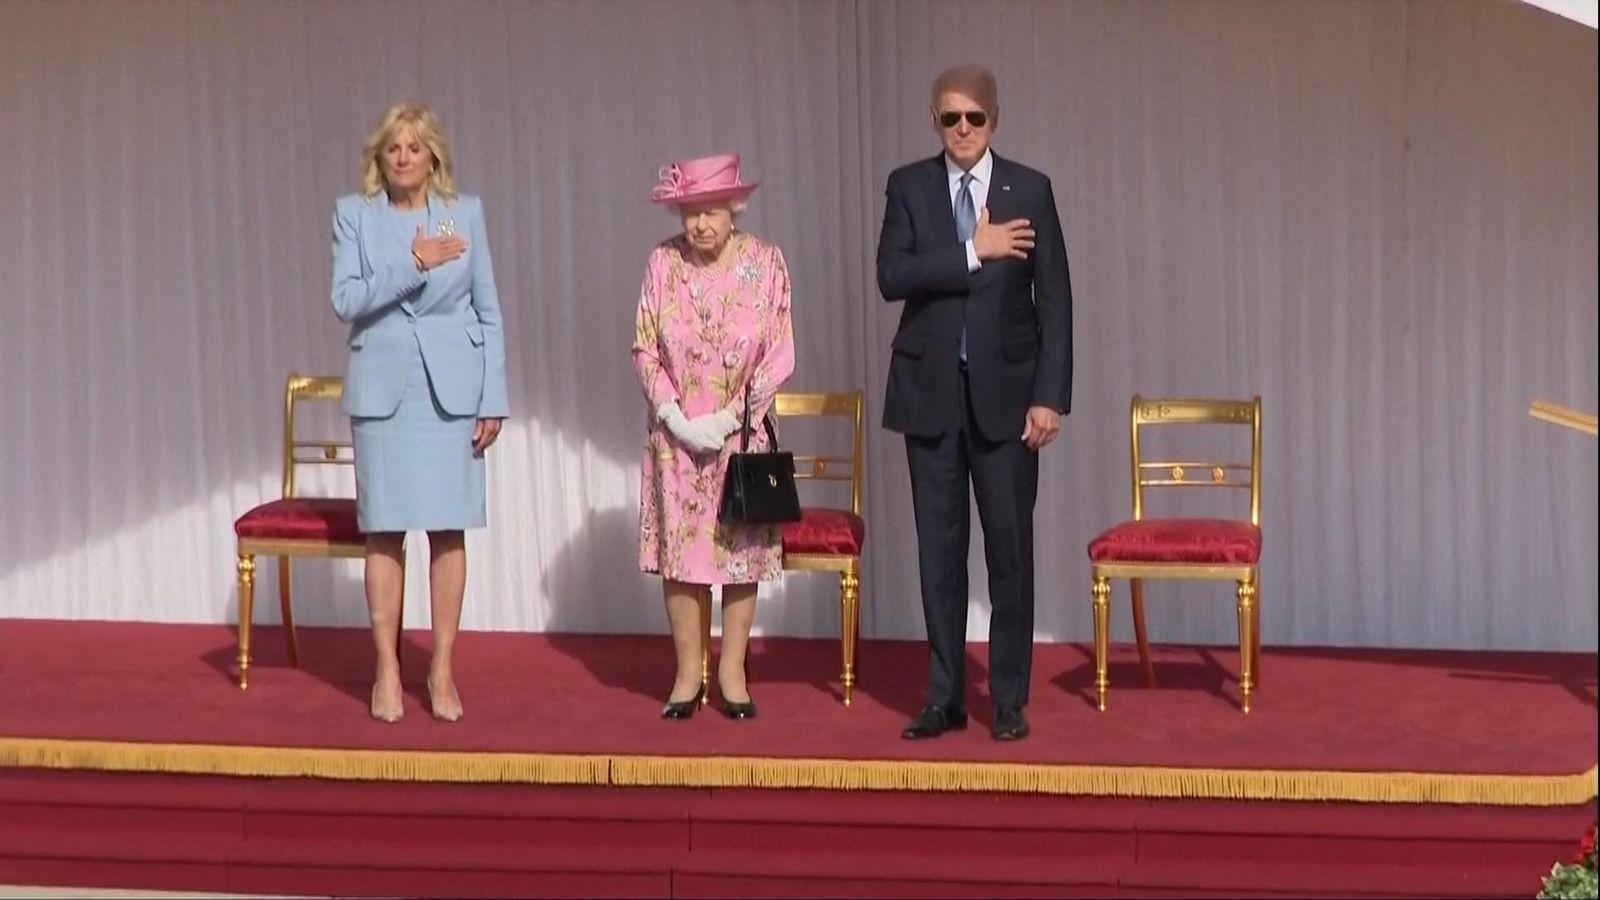 ملكة بريطانيا وبايدن وزوجته يستعرضان حرس الشرف